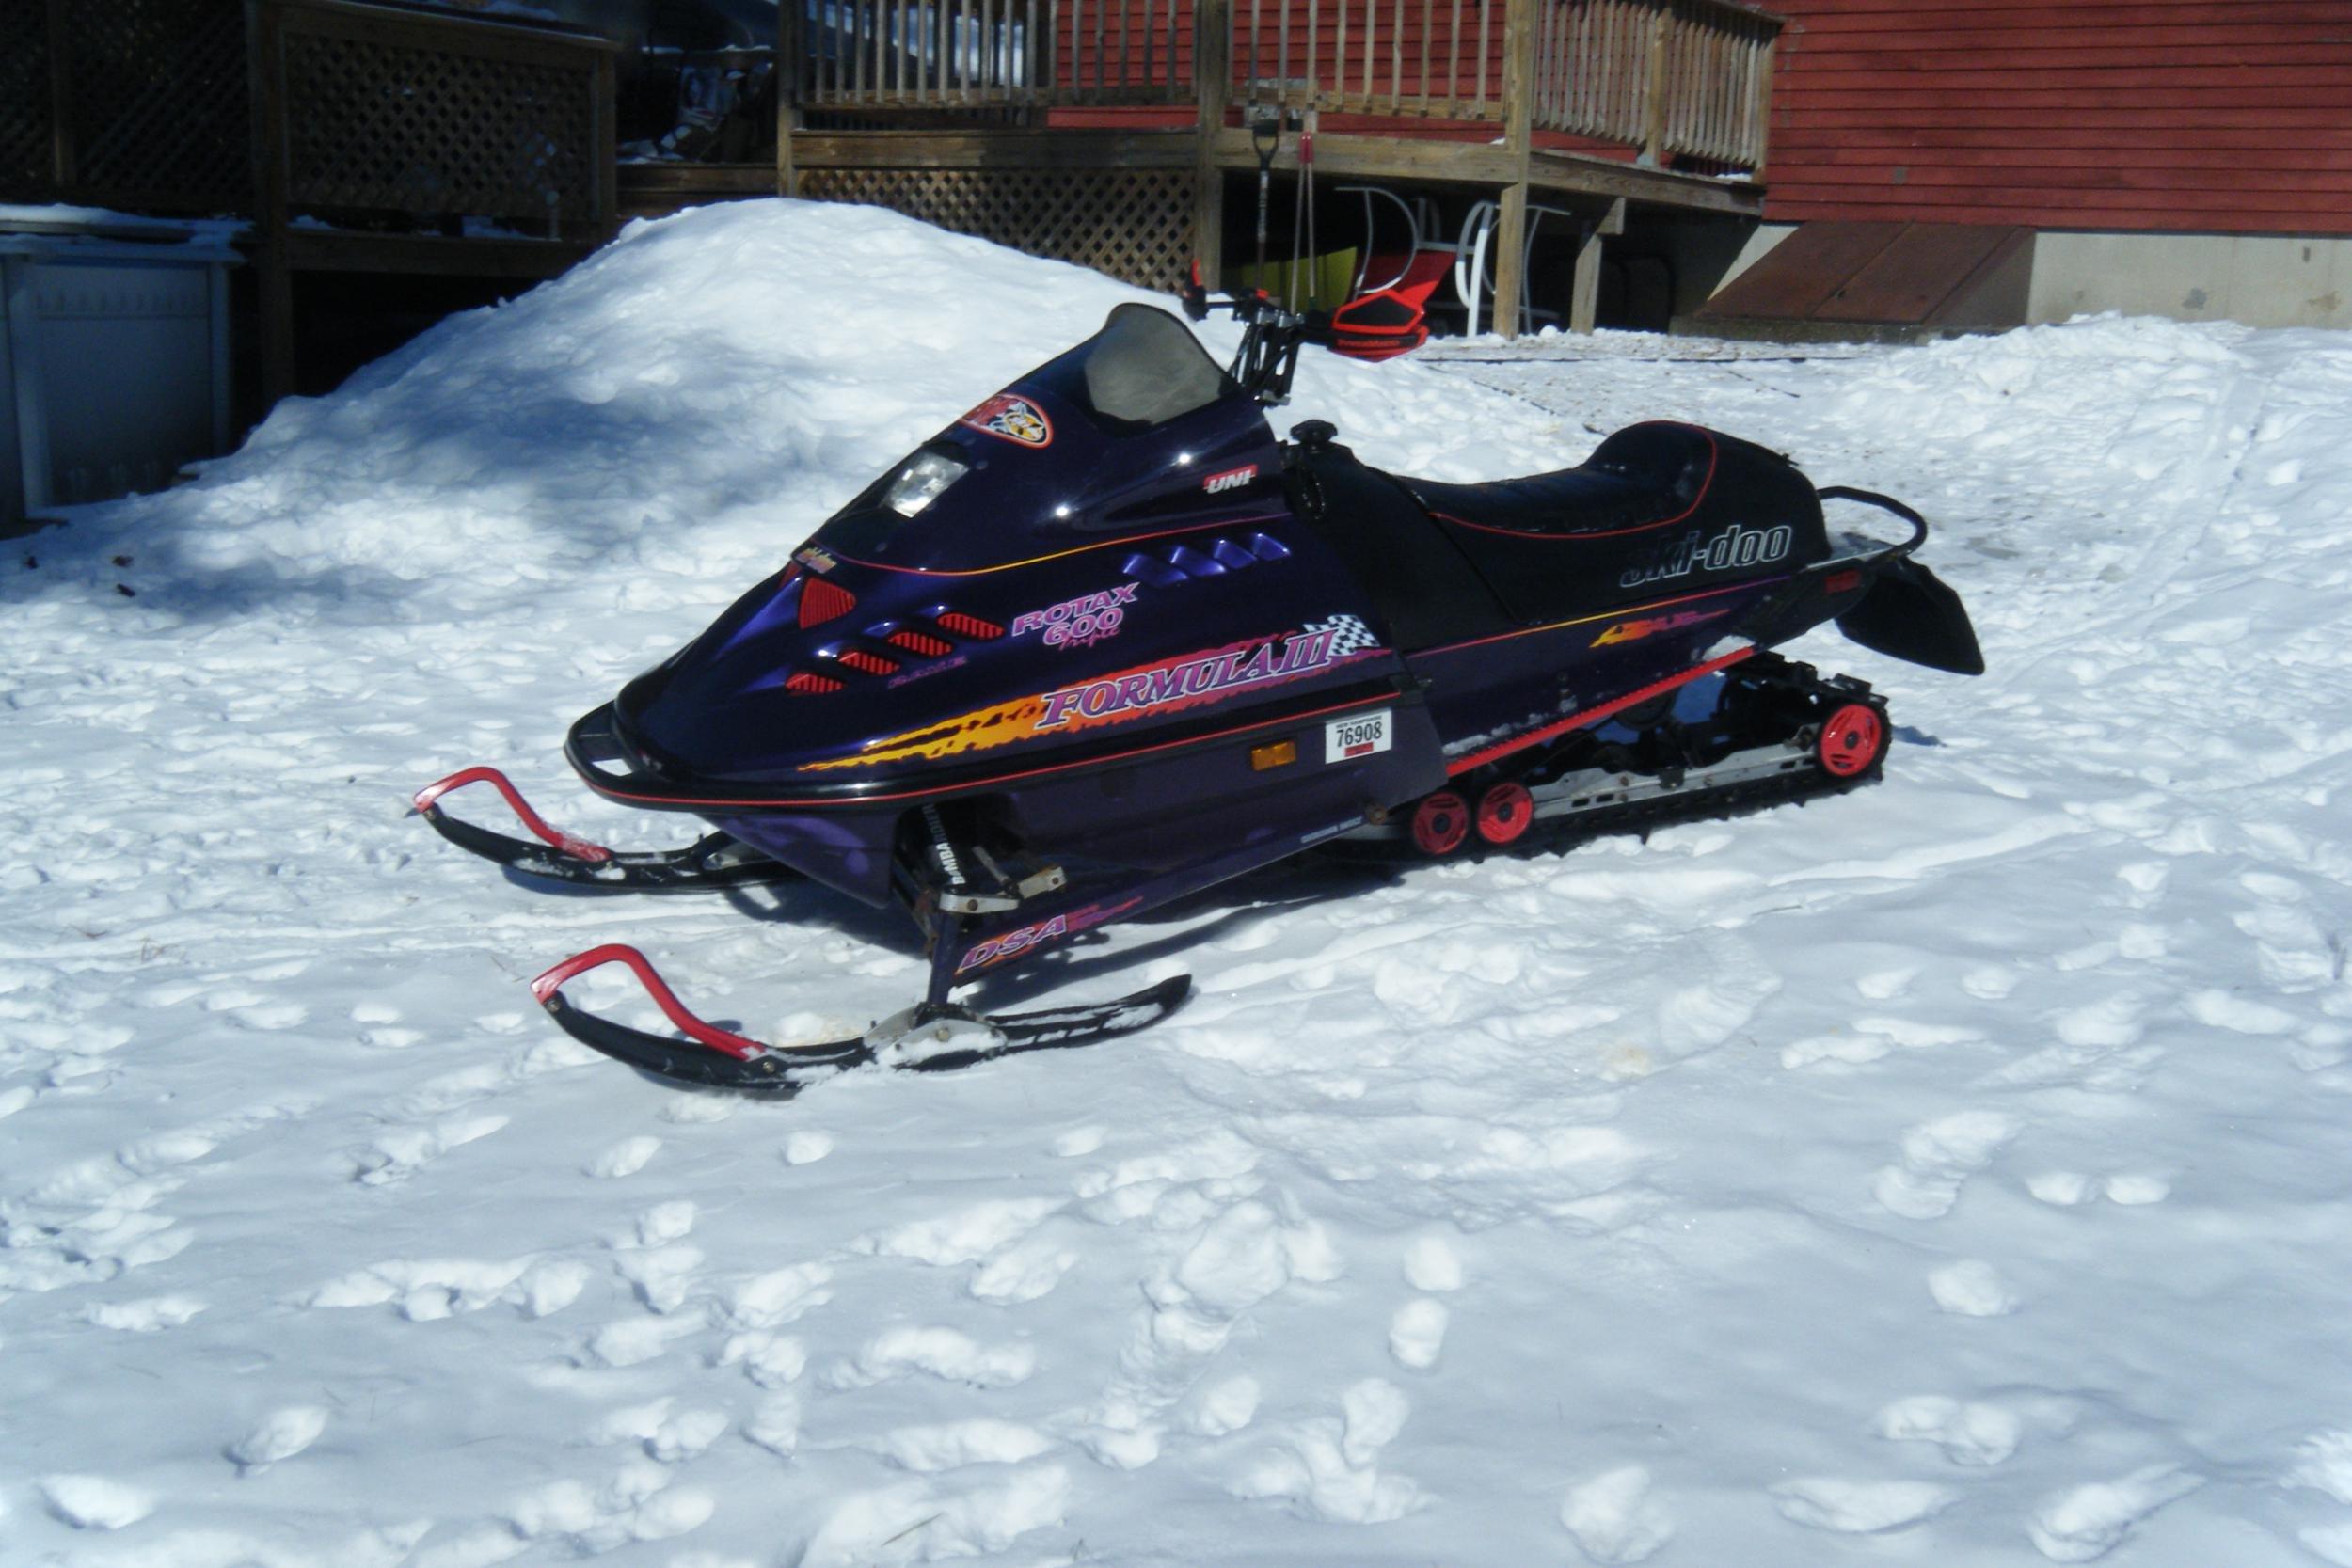 96 formula lll arcticchat com arctic cat forum rh arcticchat com 1996 ski  doo formula 3 repair manual 1996 ski doo formula 3 600 manual